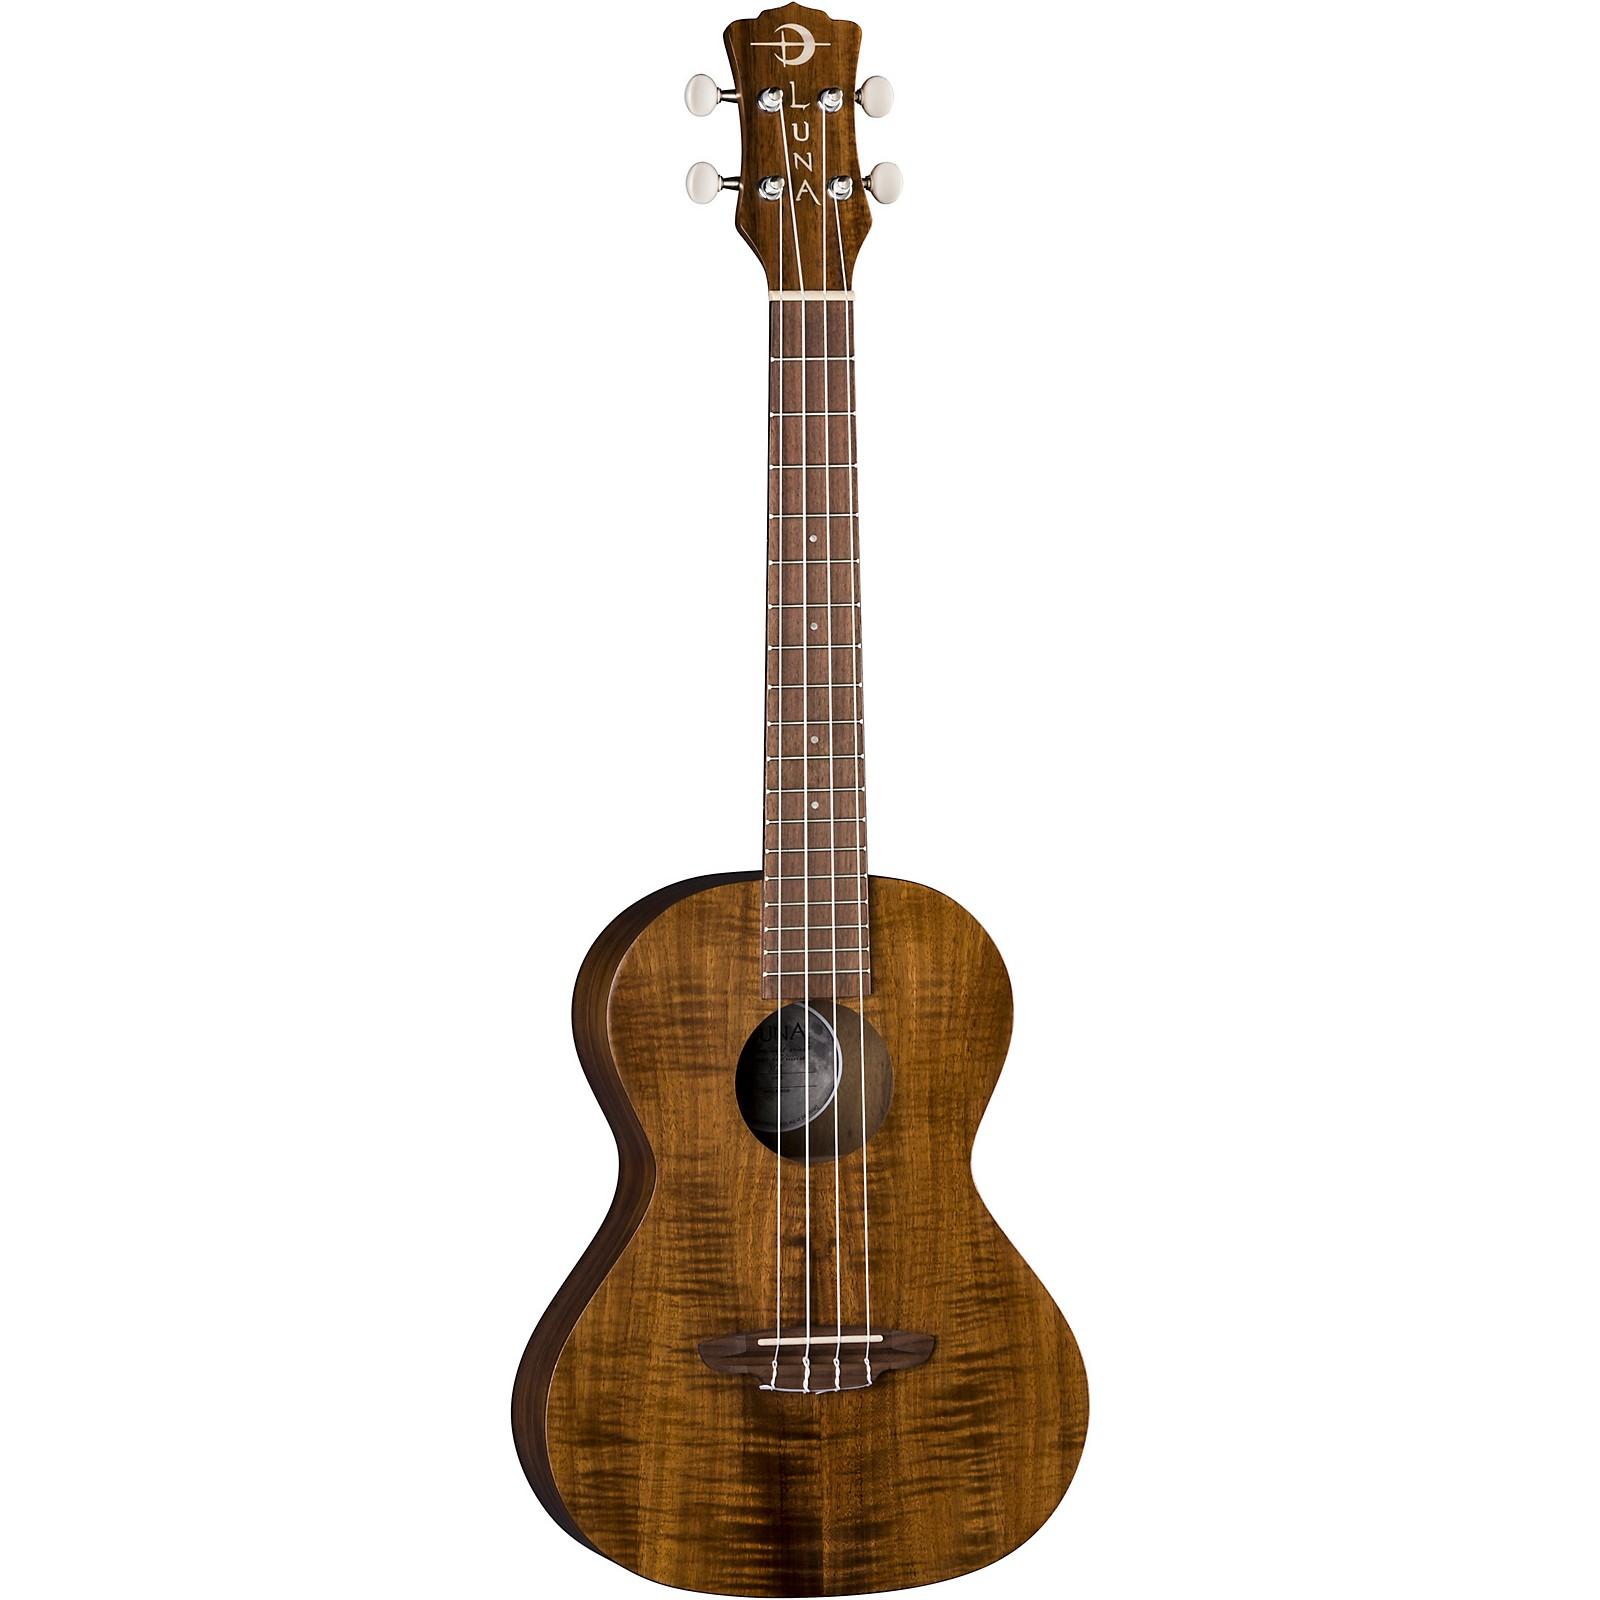 Luna Guitars Flamed Acacia Tenor Ukulele